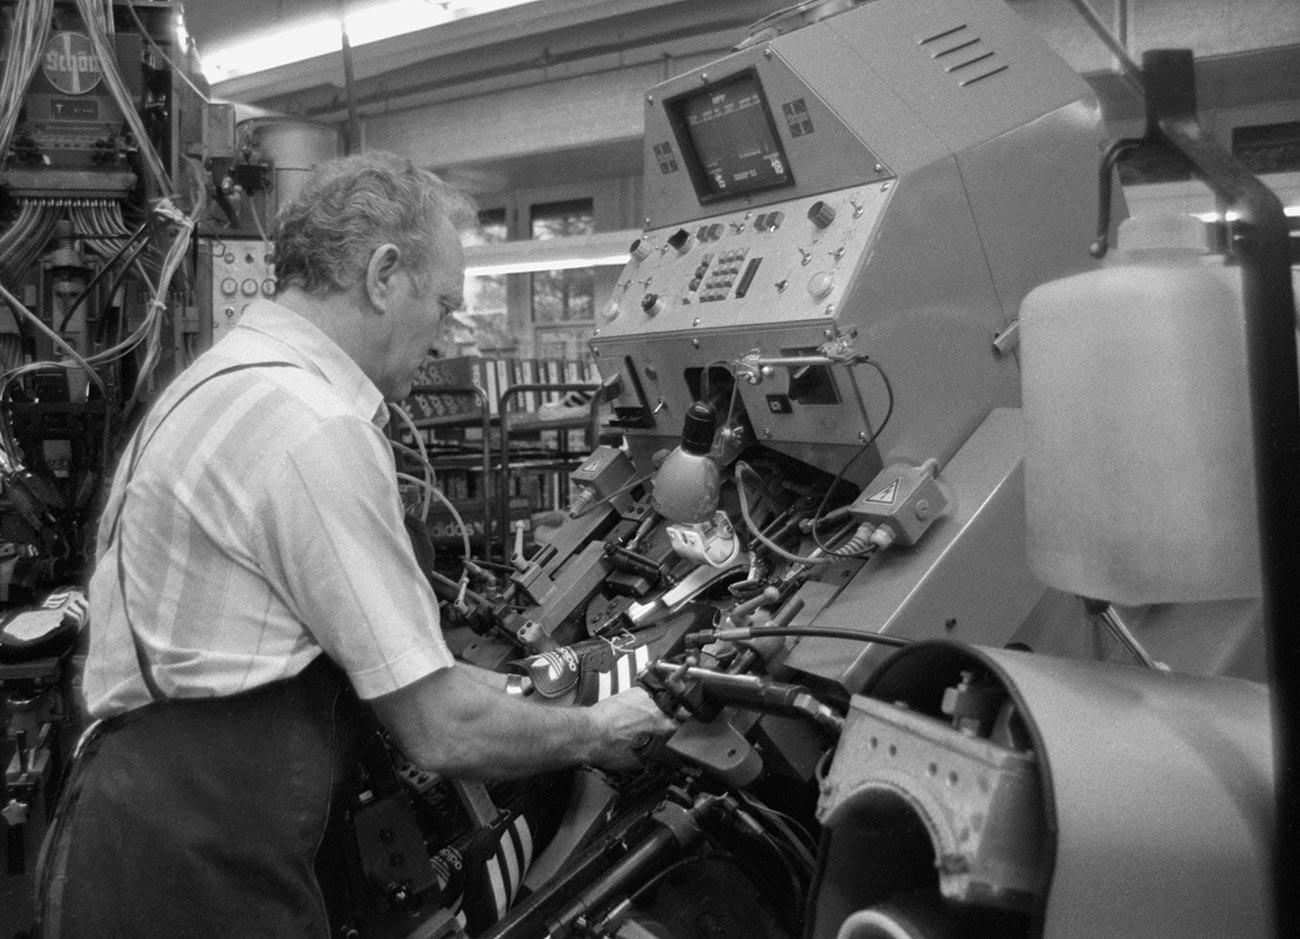 Radnik u proizvodnji popularne sportske obuće u poduzeću kompanije Adidas, koja je surađivala sa Sovjetskim Savezom.